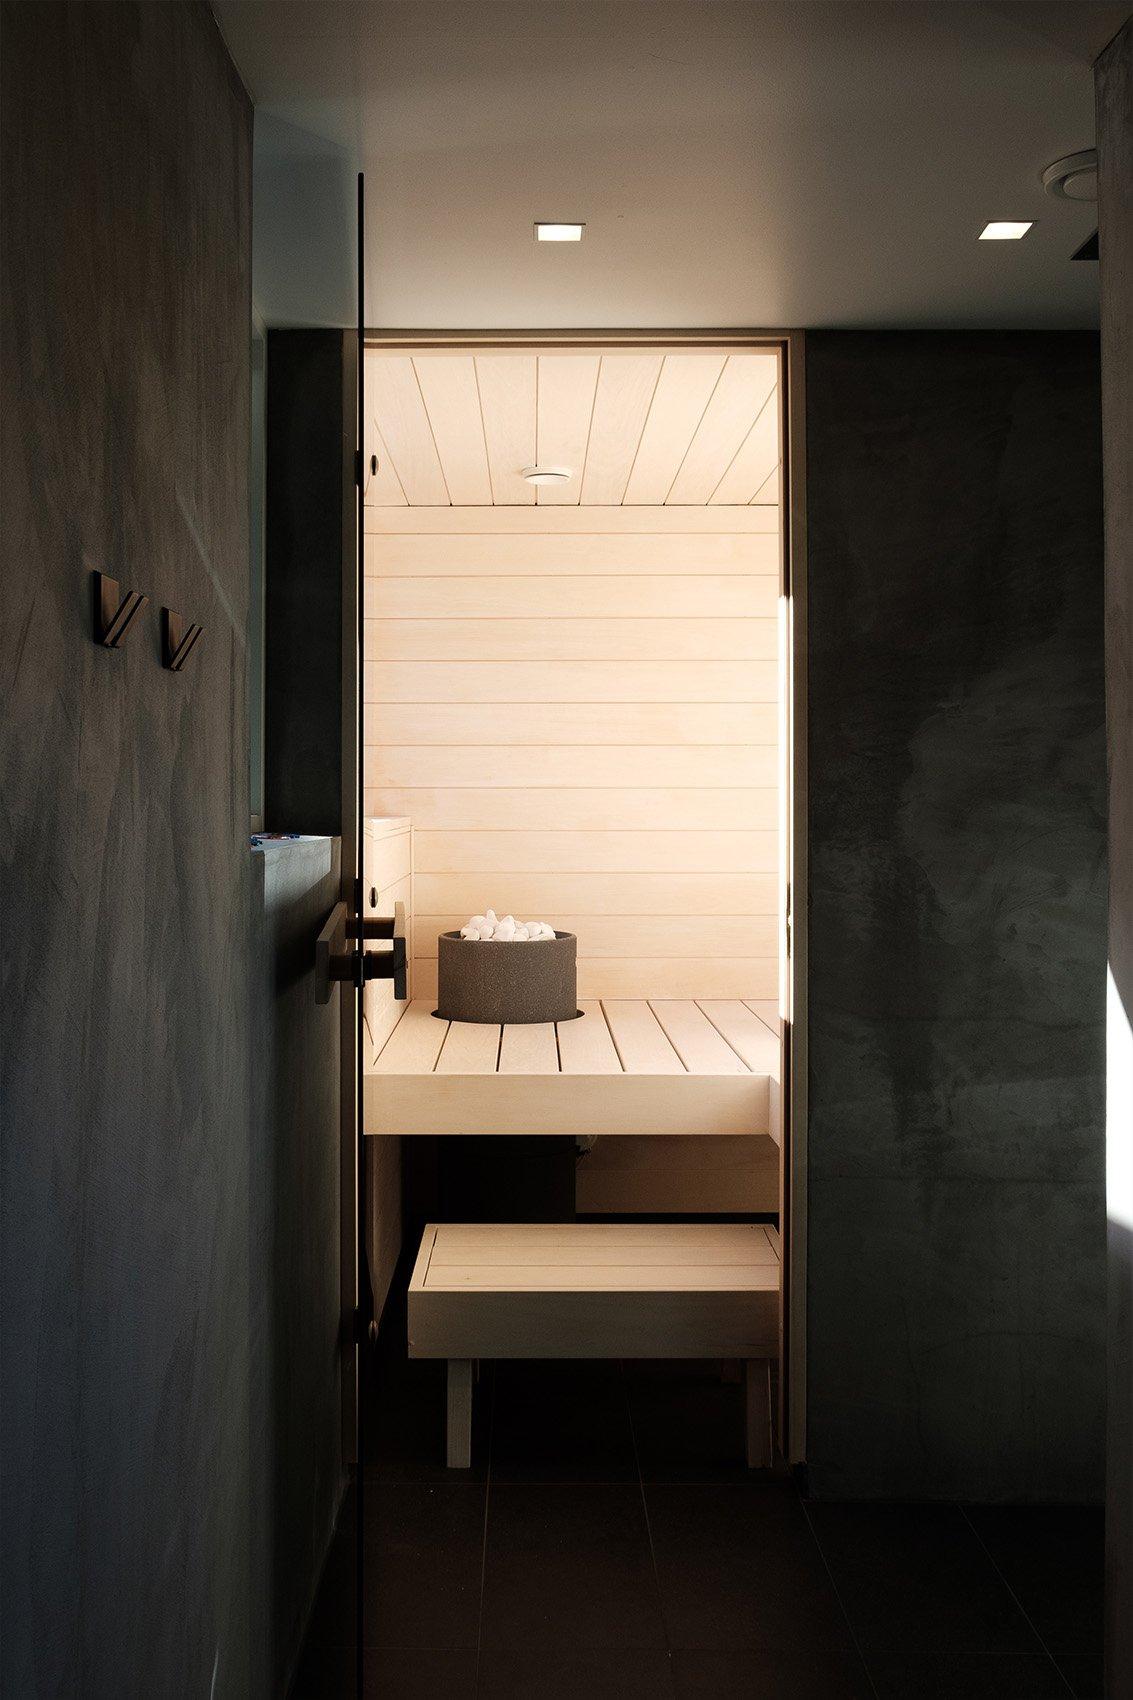 Arkkitehdin suunnittelema omakotitalo Sipoossa